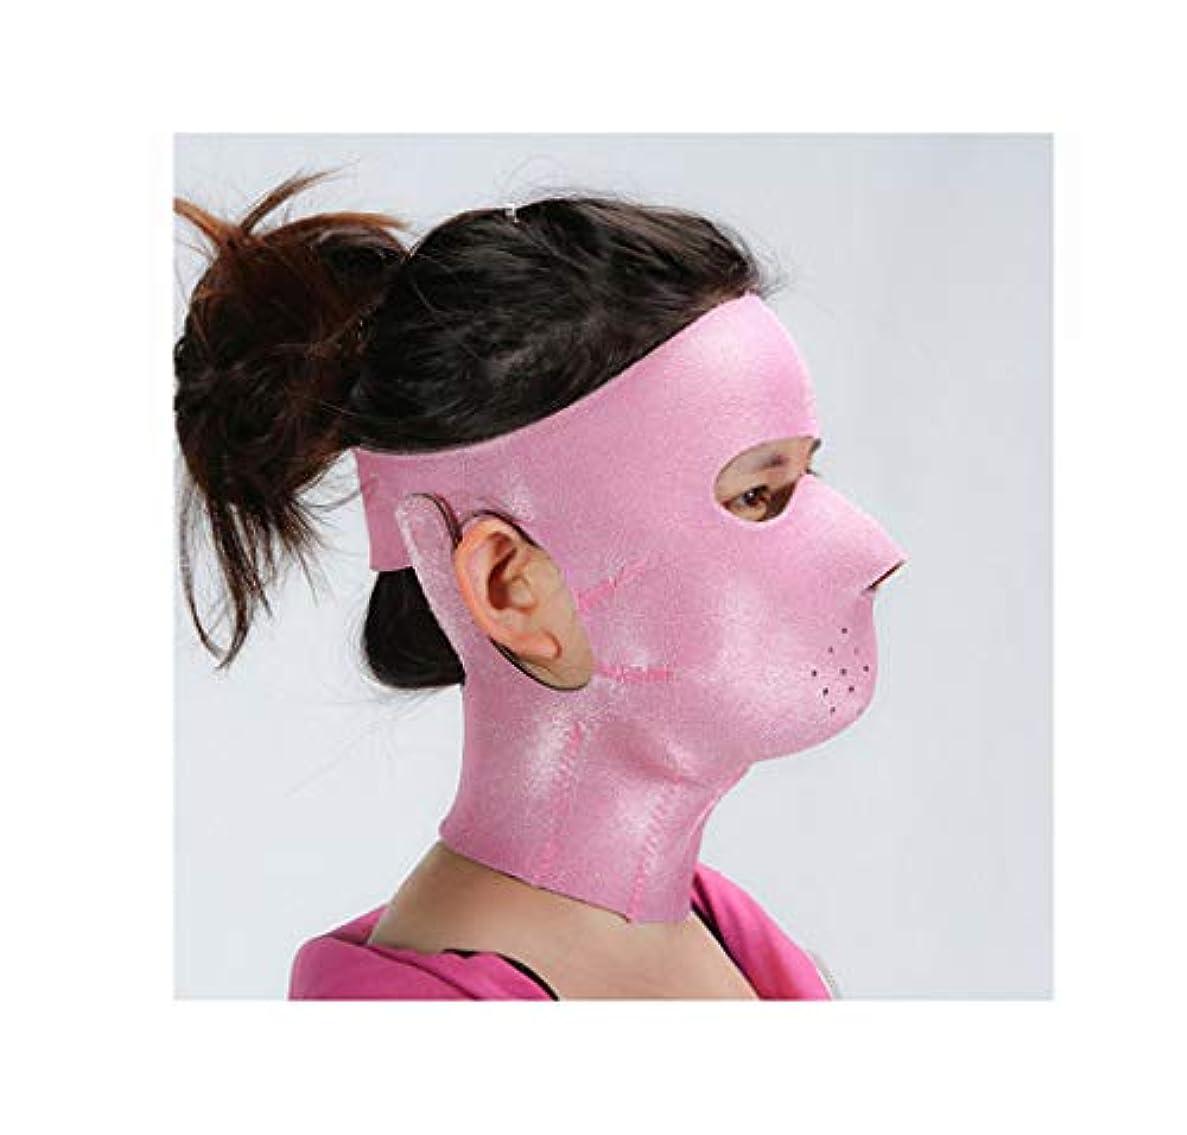 たくさんの荷物震えるGLJJQMY 薄い顔マスクマスクプラス薄いマスク引き締めアンチエイジング薄いマスク顔の薄い顔マスクアーティファクト美容ネックバンド 顔用整形マスク